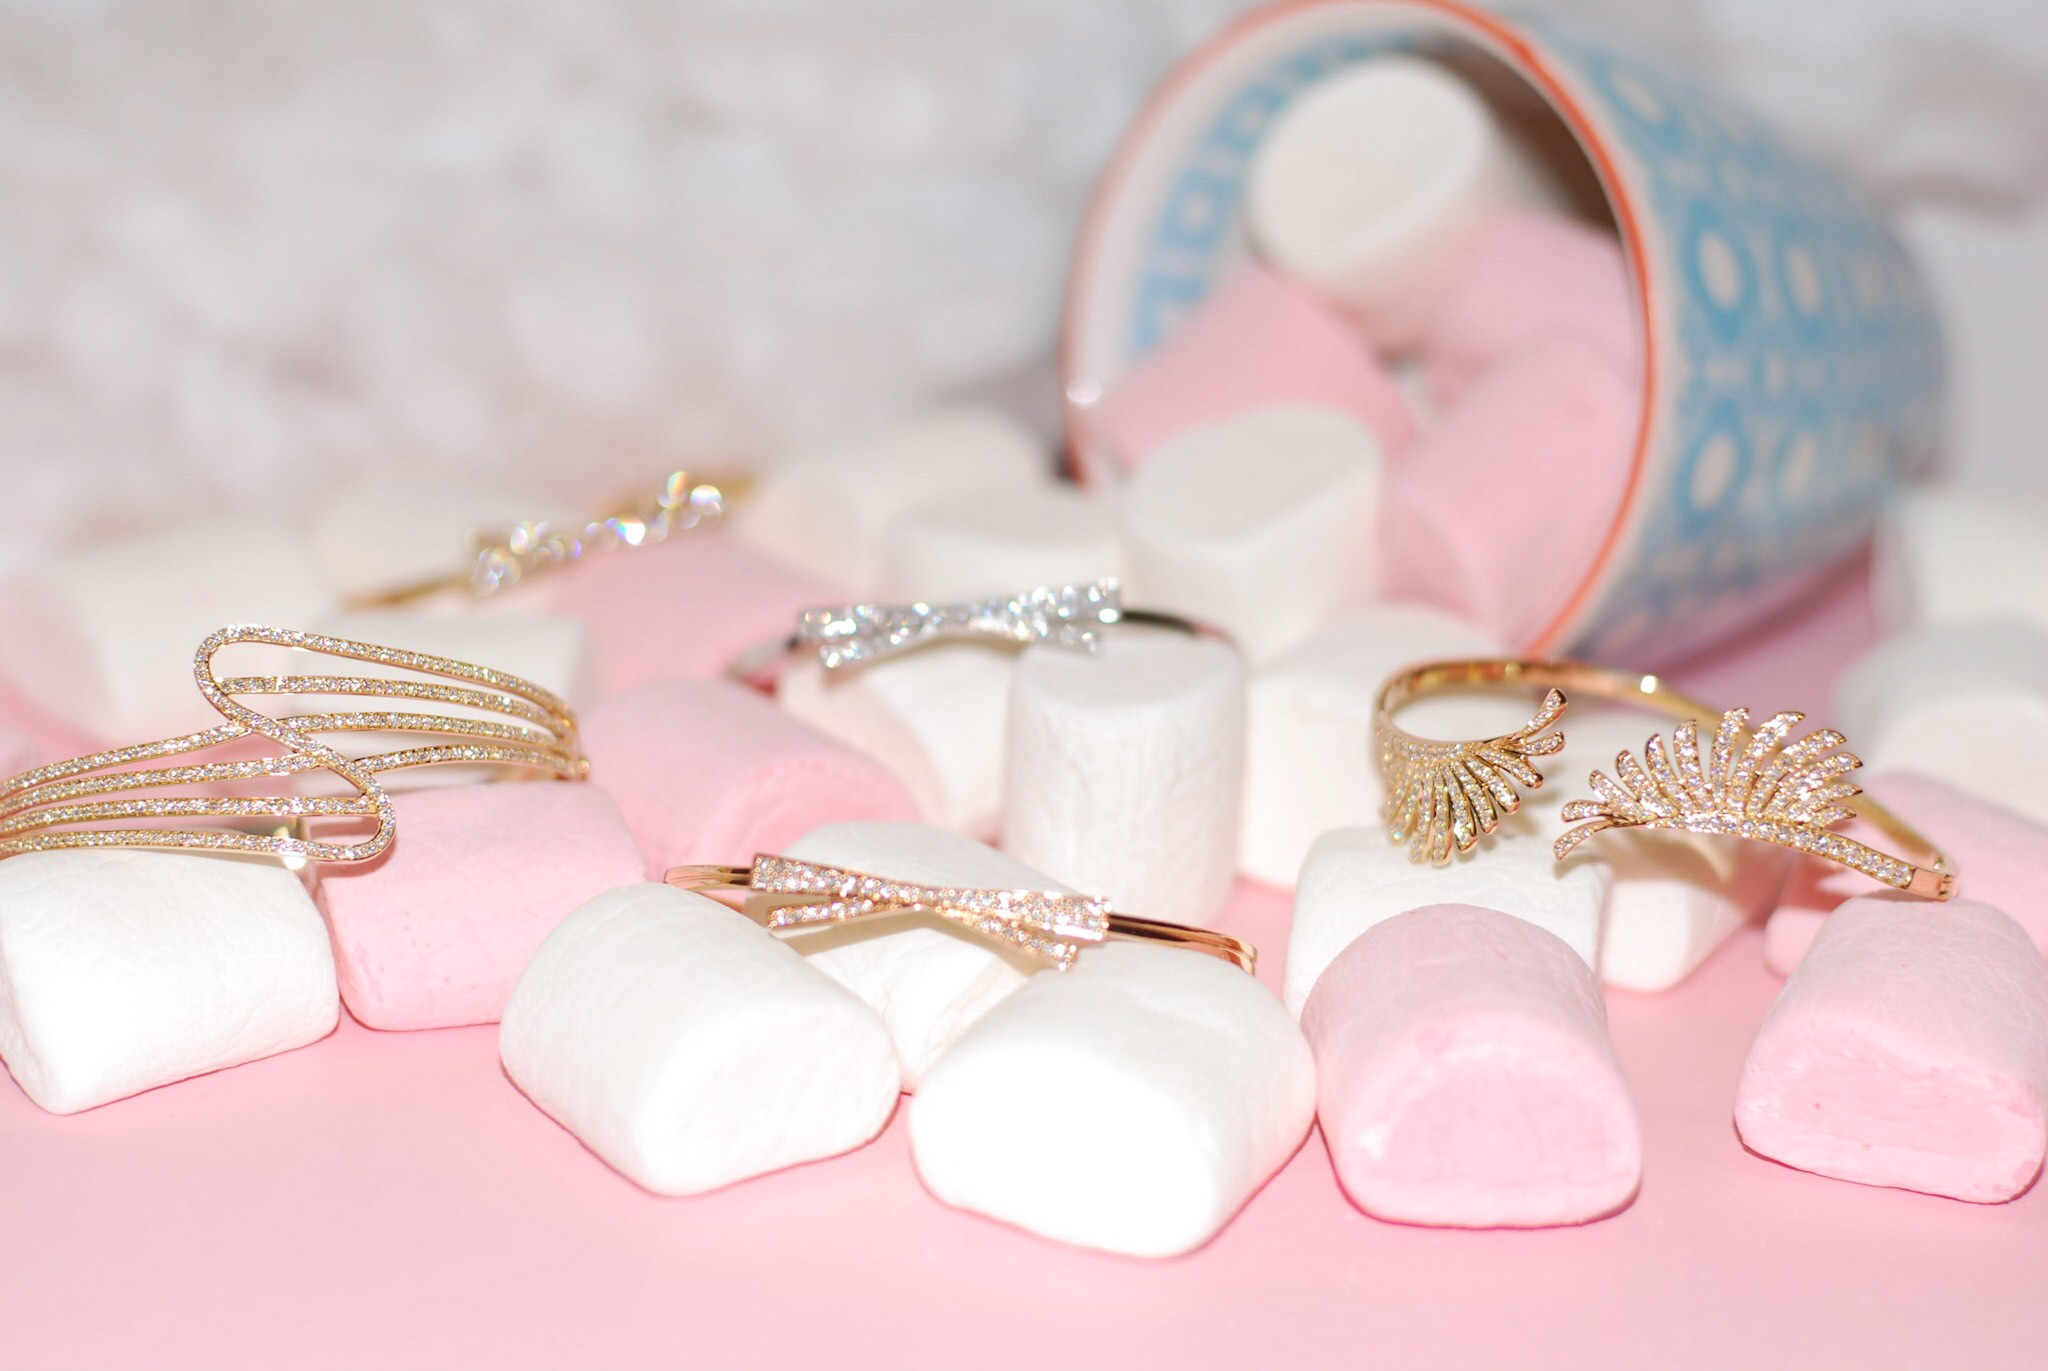 Hueb Jewelry - A brazilian brand famous for its delicate and feminine jewelry - www.bonjourchiara.com